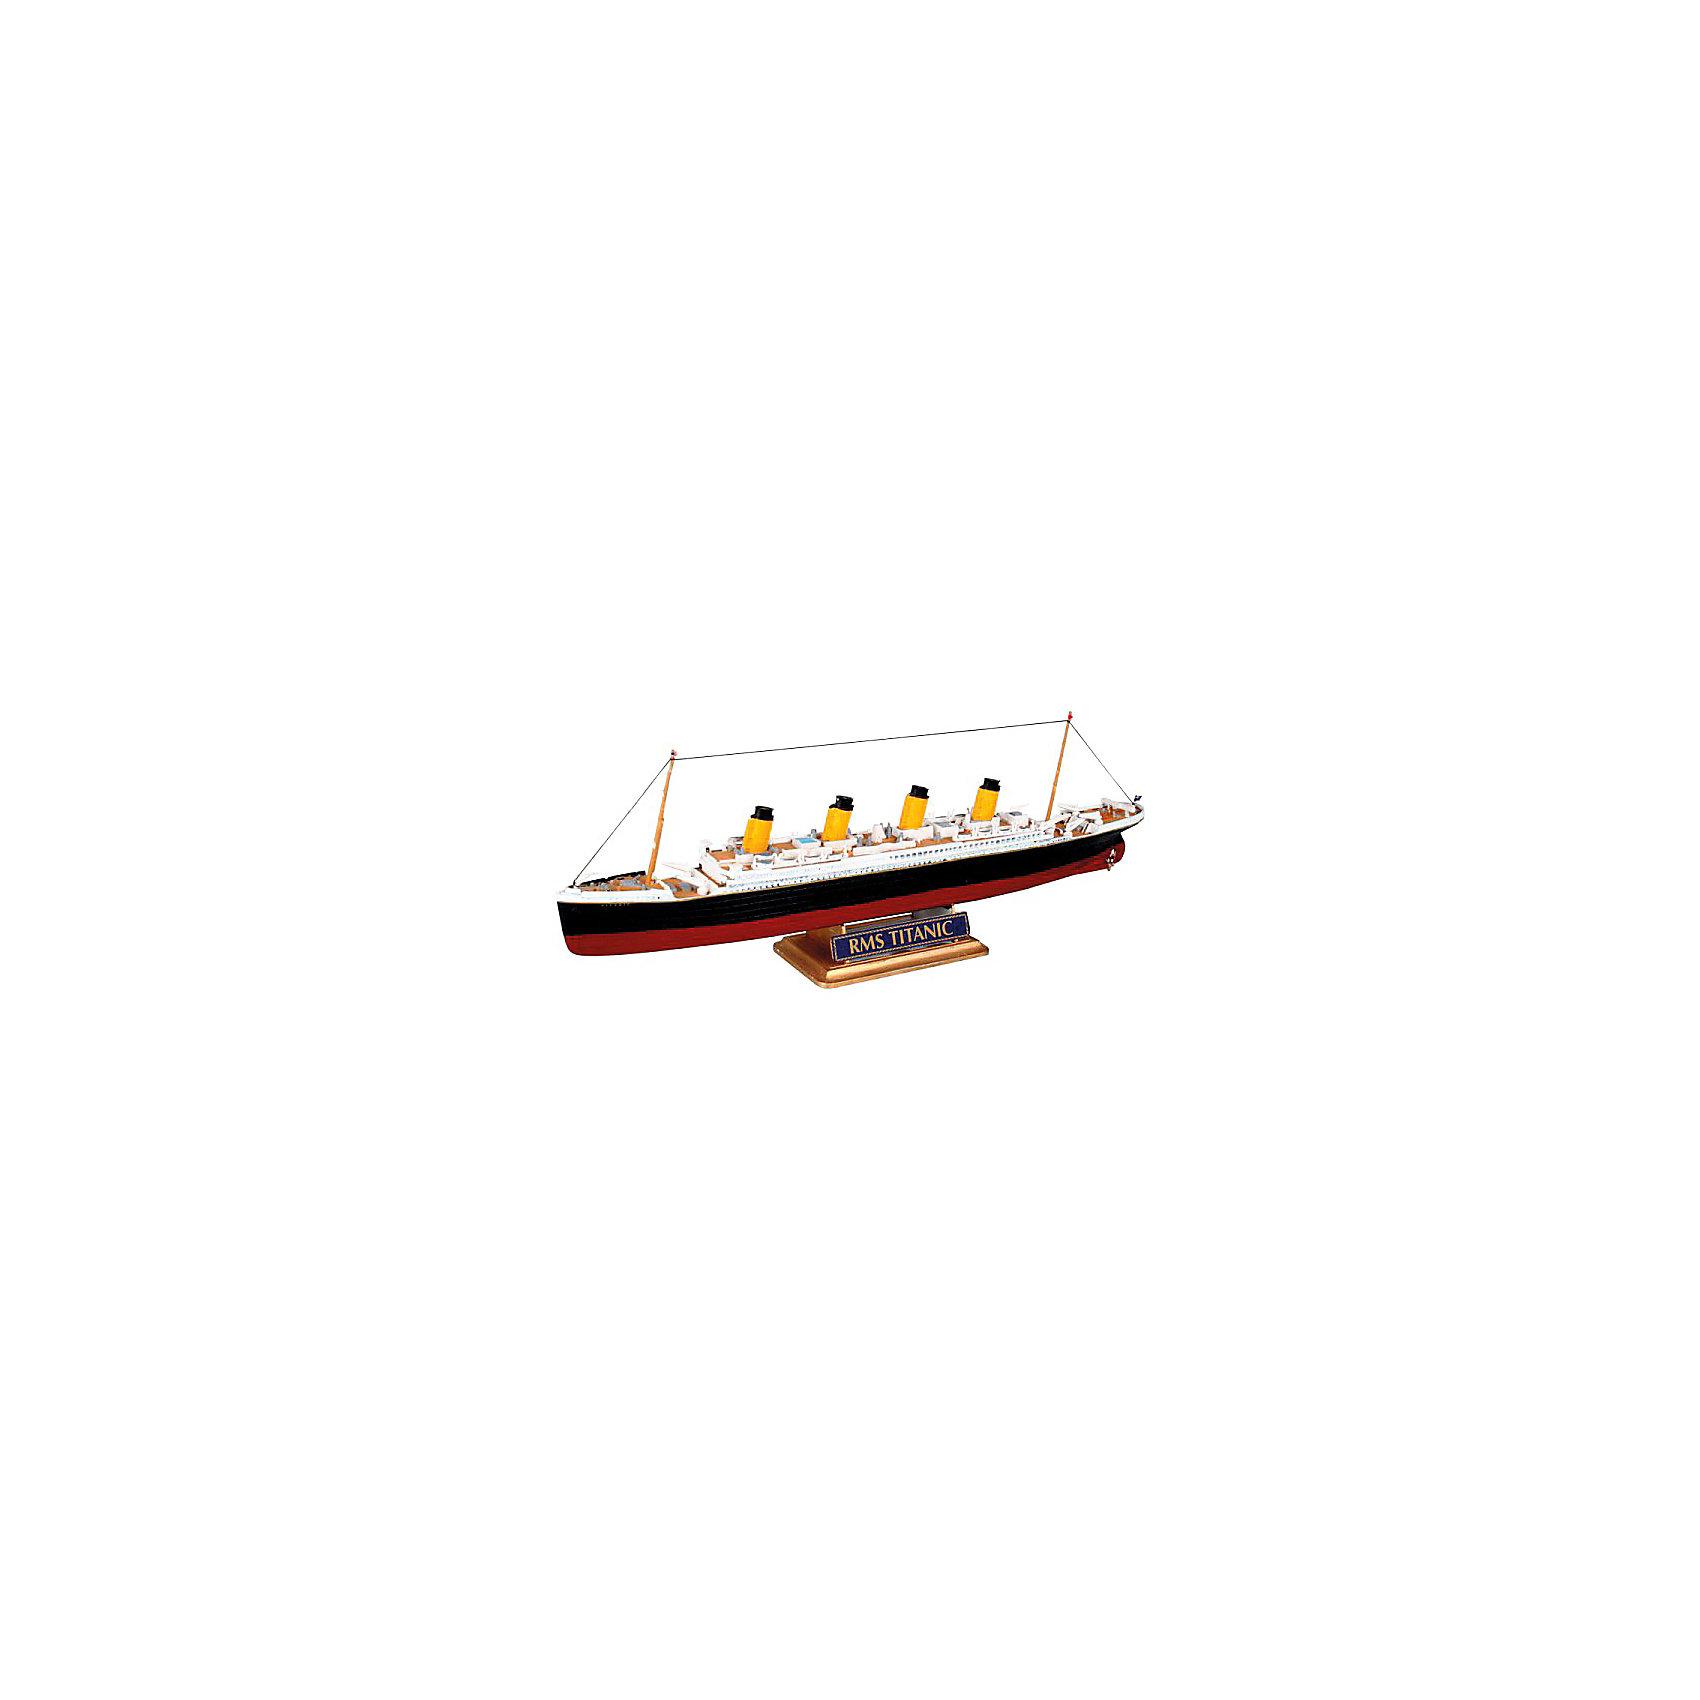 Пароход R.M.S. Titanic, RevellКорабли и лодки<br>Характеристики товара:<br><br>• возраст от 10 лет;<br>• материал: пластик;<br>• в комплекте: 40 деталей;<br>• длина собранной модели 22,3 см;<br>• масштаб 1:1200;<br>• размер упаковки 25х13х3,2 см;<br>• вес упаковки 550 гр.;<br>• страна производитель: Польша.<br><br>Сборная модель «Пароход R.M.S. Titanic» Revell позволит собрать модель всемирно известного судна Титаник. Судьба Титаника известна многим. В 1912 году судно утонуло в Атлантическом океане, столкнувшись с айсбергом.<br><br>Детали легко соединяются между собой. Готовую модель для прочности следует склеить, а также раскрасить (клей и краски с комплект не входят). В процессе сборки у детей развиваются мышление, логика, усидчивость, внимательность.<br><br>Пароход R.M.S. Titanic Revell можно приобрести в нашем интернет-магазине.<br><br>Ширина мм: 256<br>Глубина мм: 132<br>Высота мм: 41<br>Вес г: 133<br>Возраст от месяцев: 168<br>Возраст до месяцев: 1188<br>Пол: Мужской<br>Возраст: Детский<br>SKU: 1772961